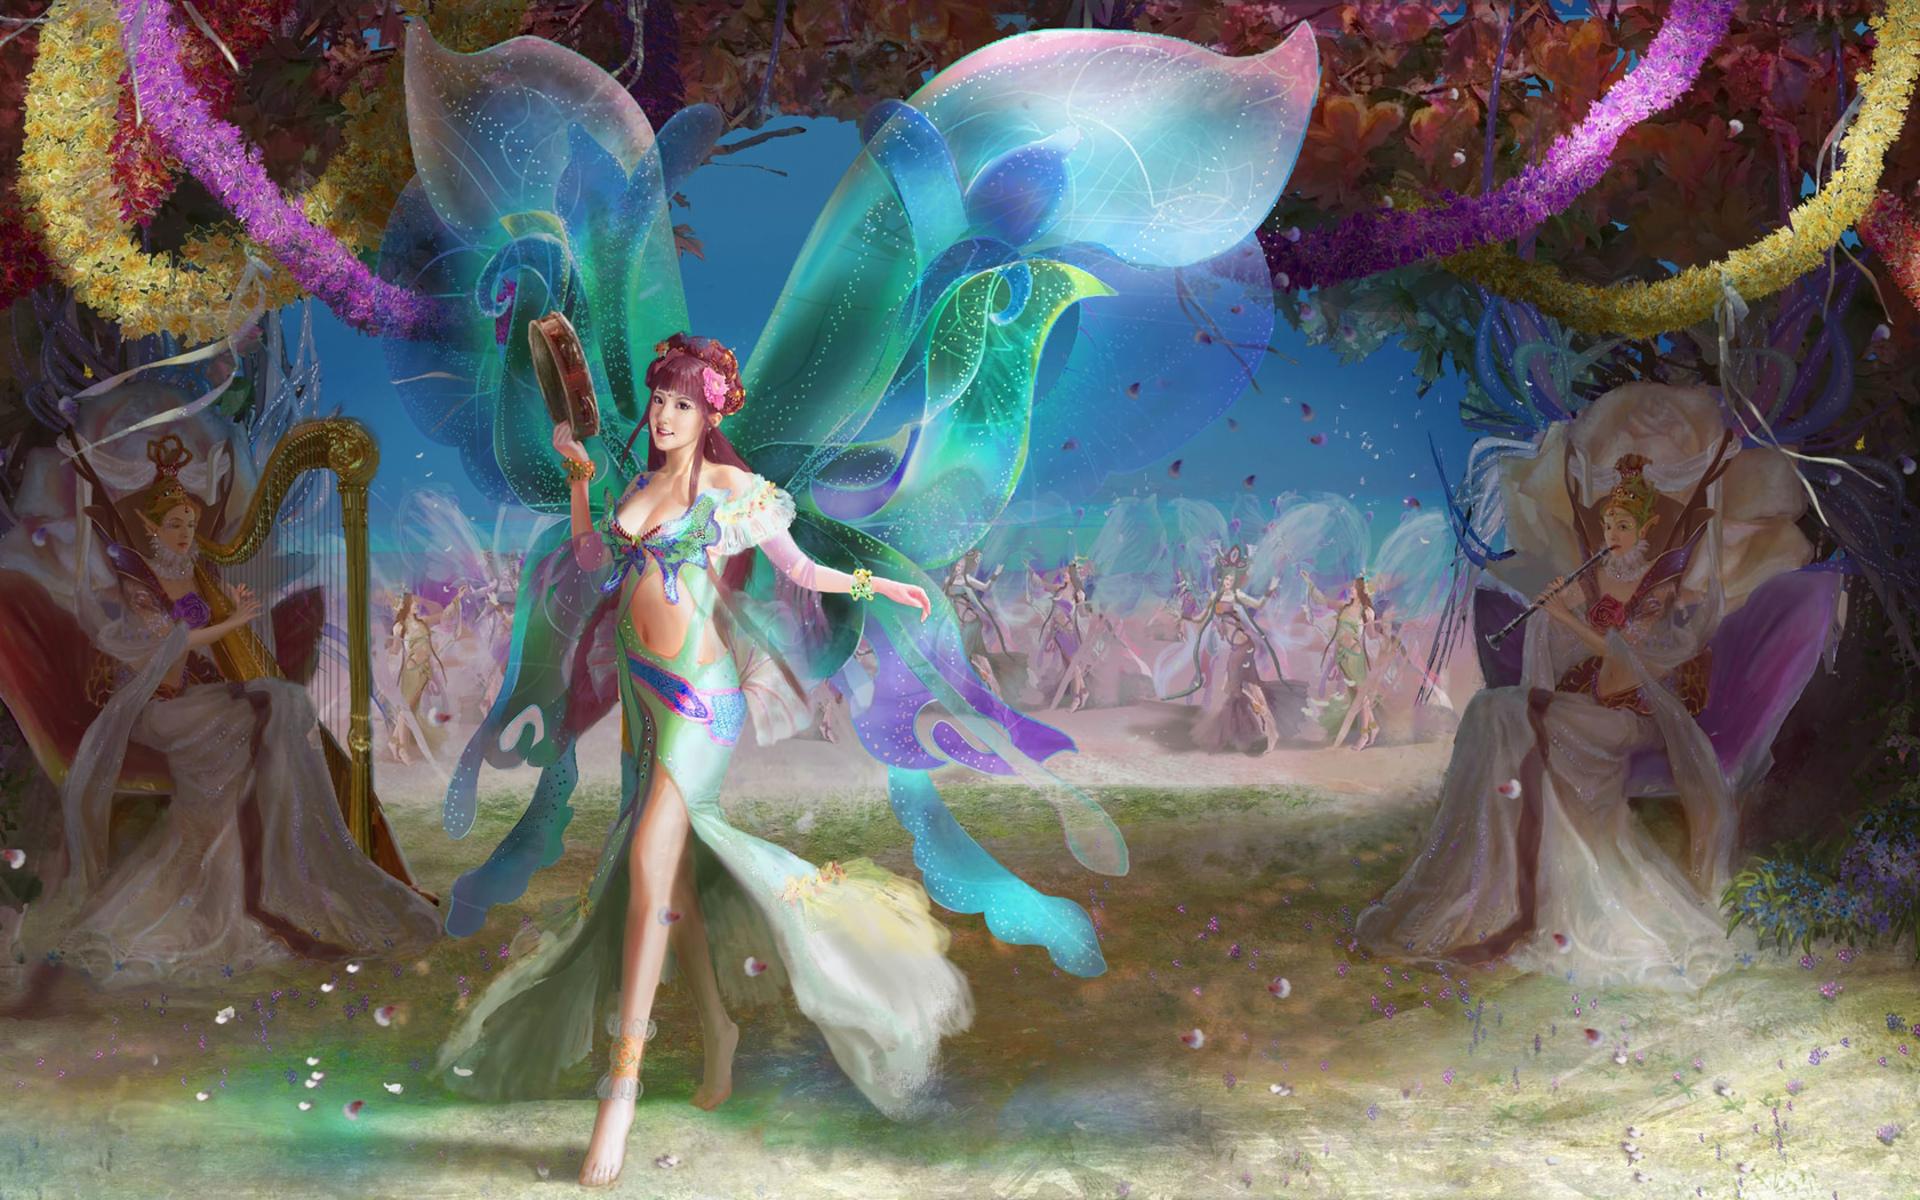 танец эльфов картинка провинция манитоба уже